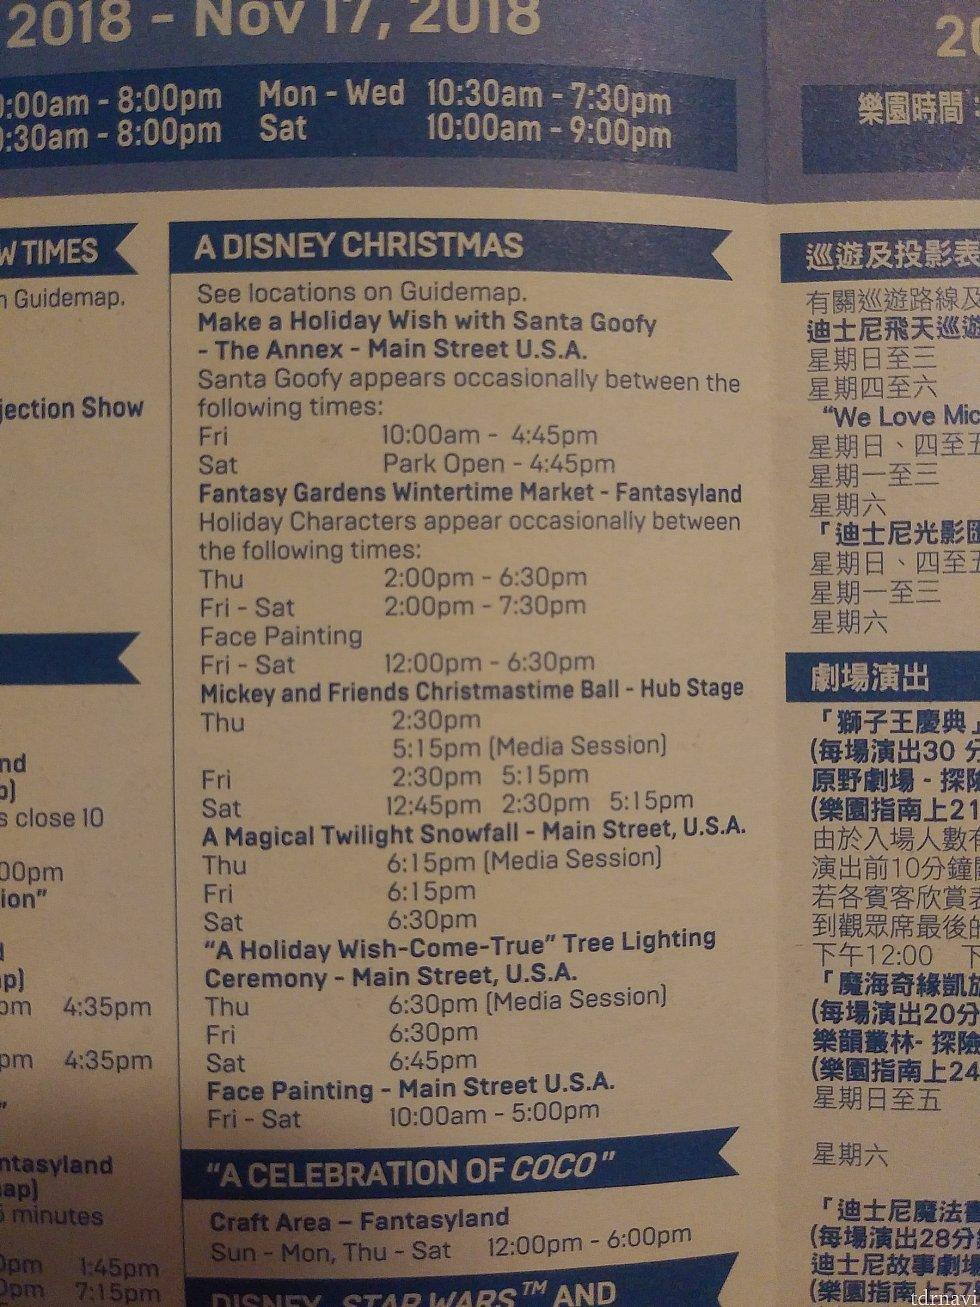 【タイムガイド】 11月17日までのものですが、参考までに。 ファンタジーガーデンでもグリーティングしてます。